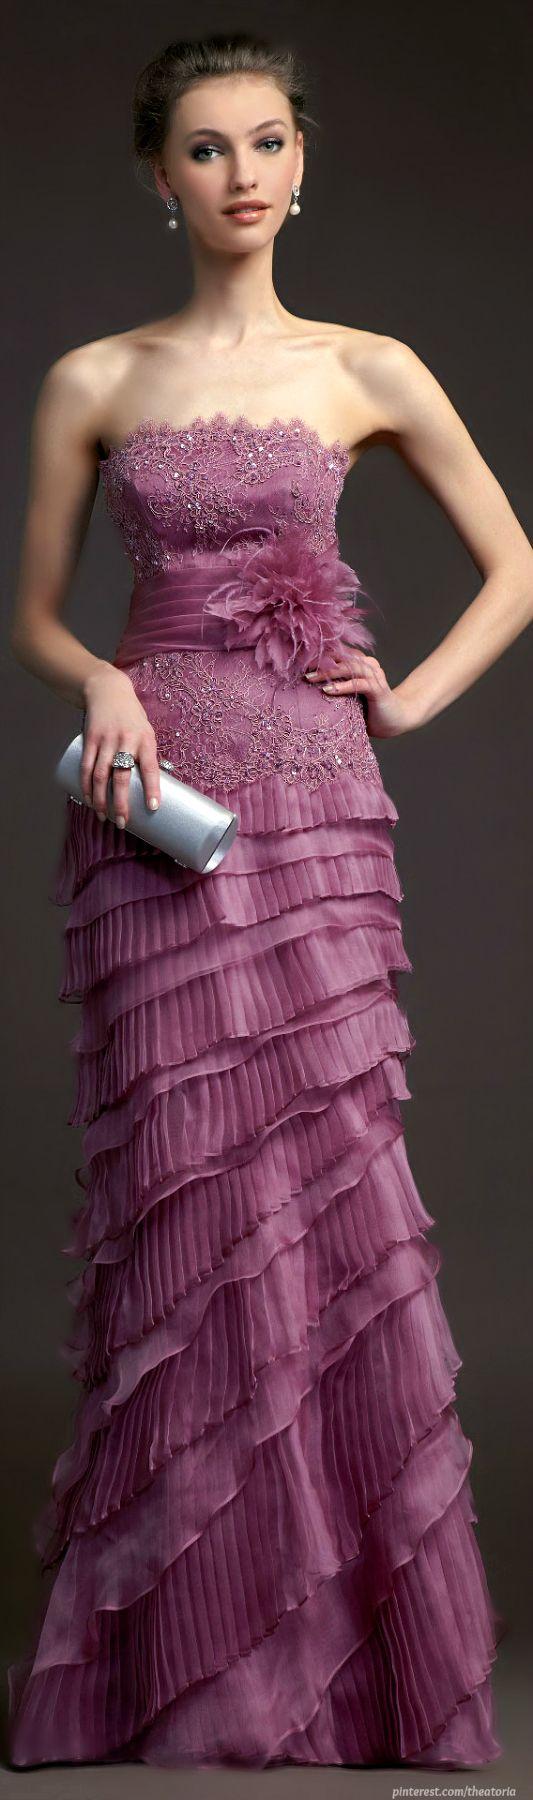 VIOLETA...❤ | vestidos | Pinterest | Aire barcelona, Vestidos de ...